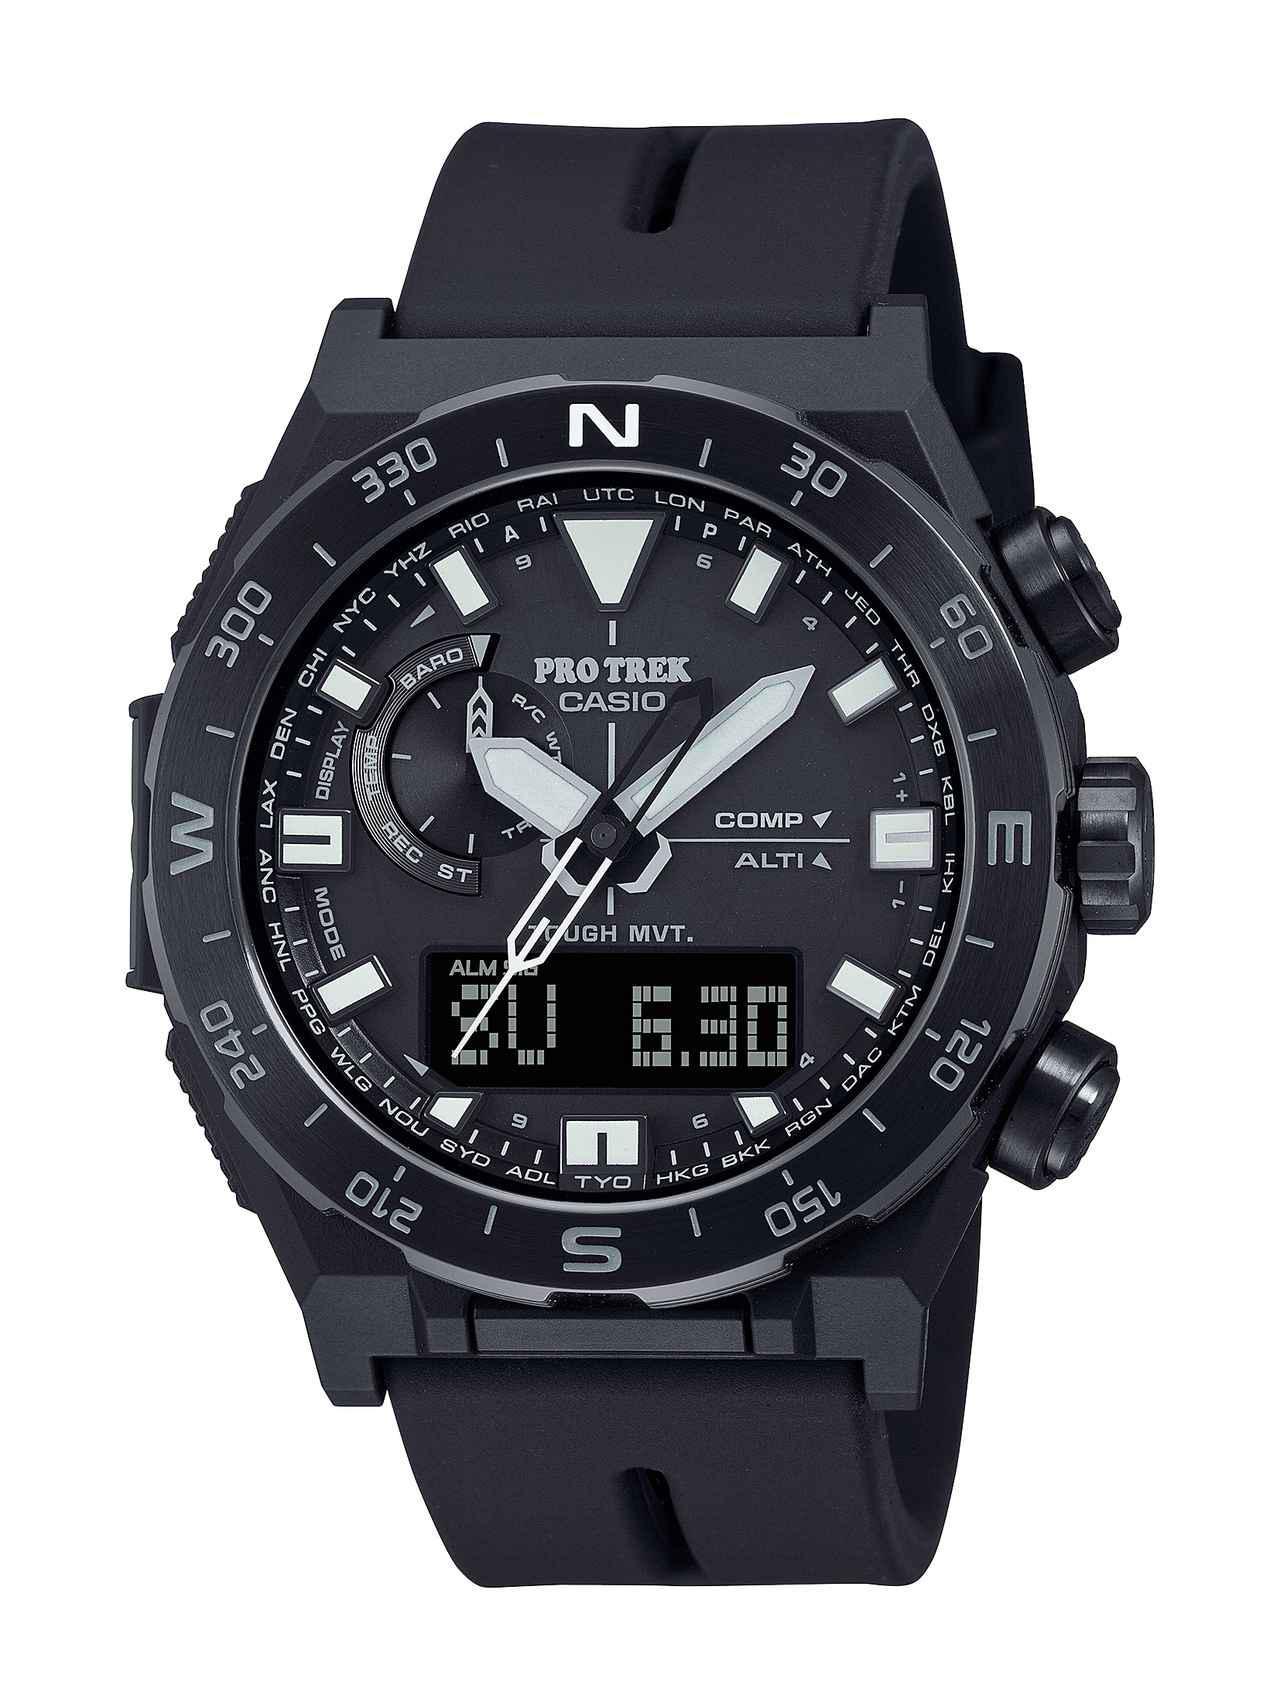 画像3: 方位計測機能に特化したプロトレックの腕時計が新登場! 回転ベゼルを採用、紙の地図との併用を想定した旅するハイテクウォッチ